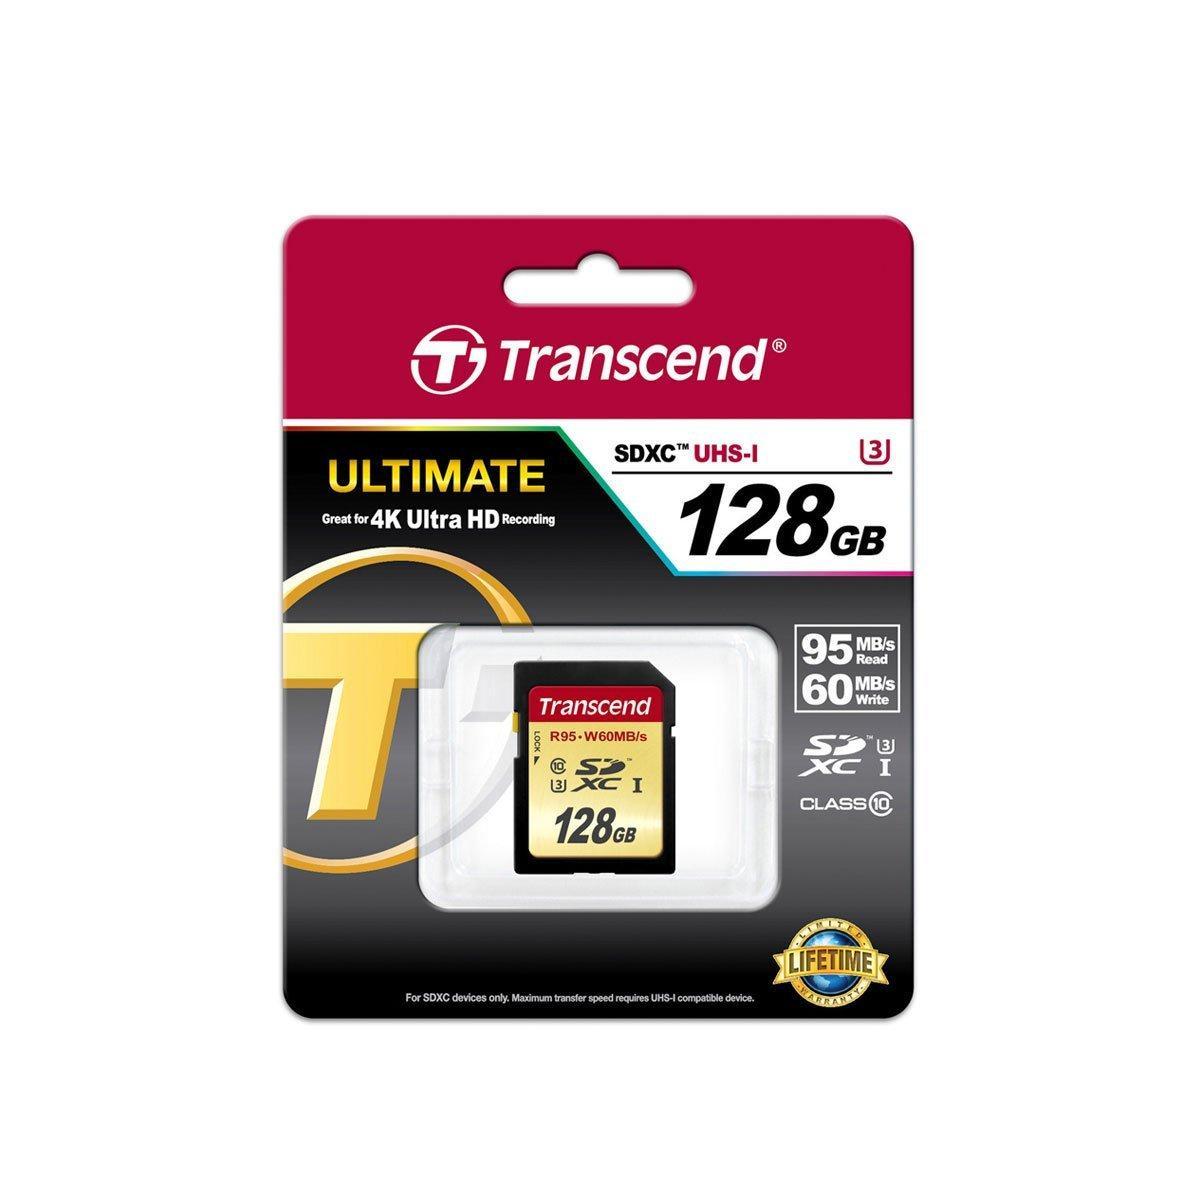 Transcend SDXC UHS-I U3 128GB